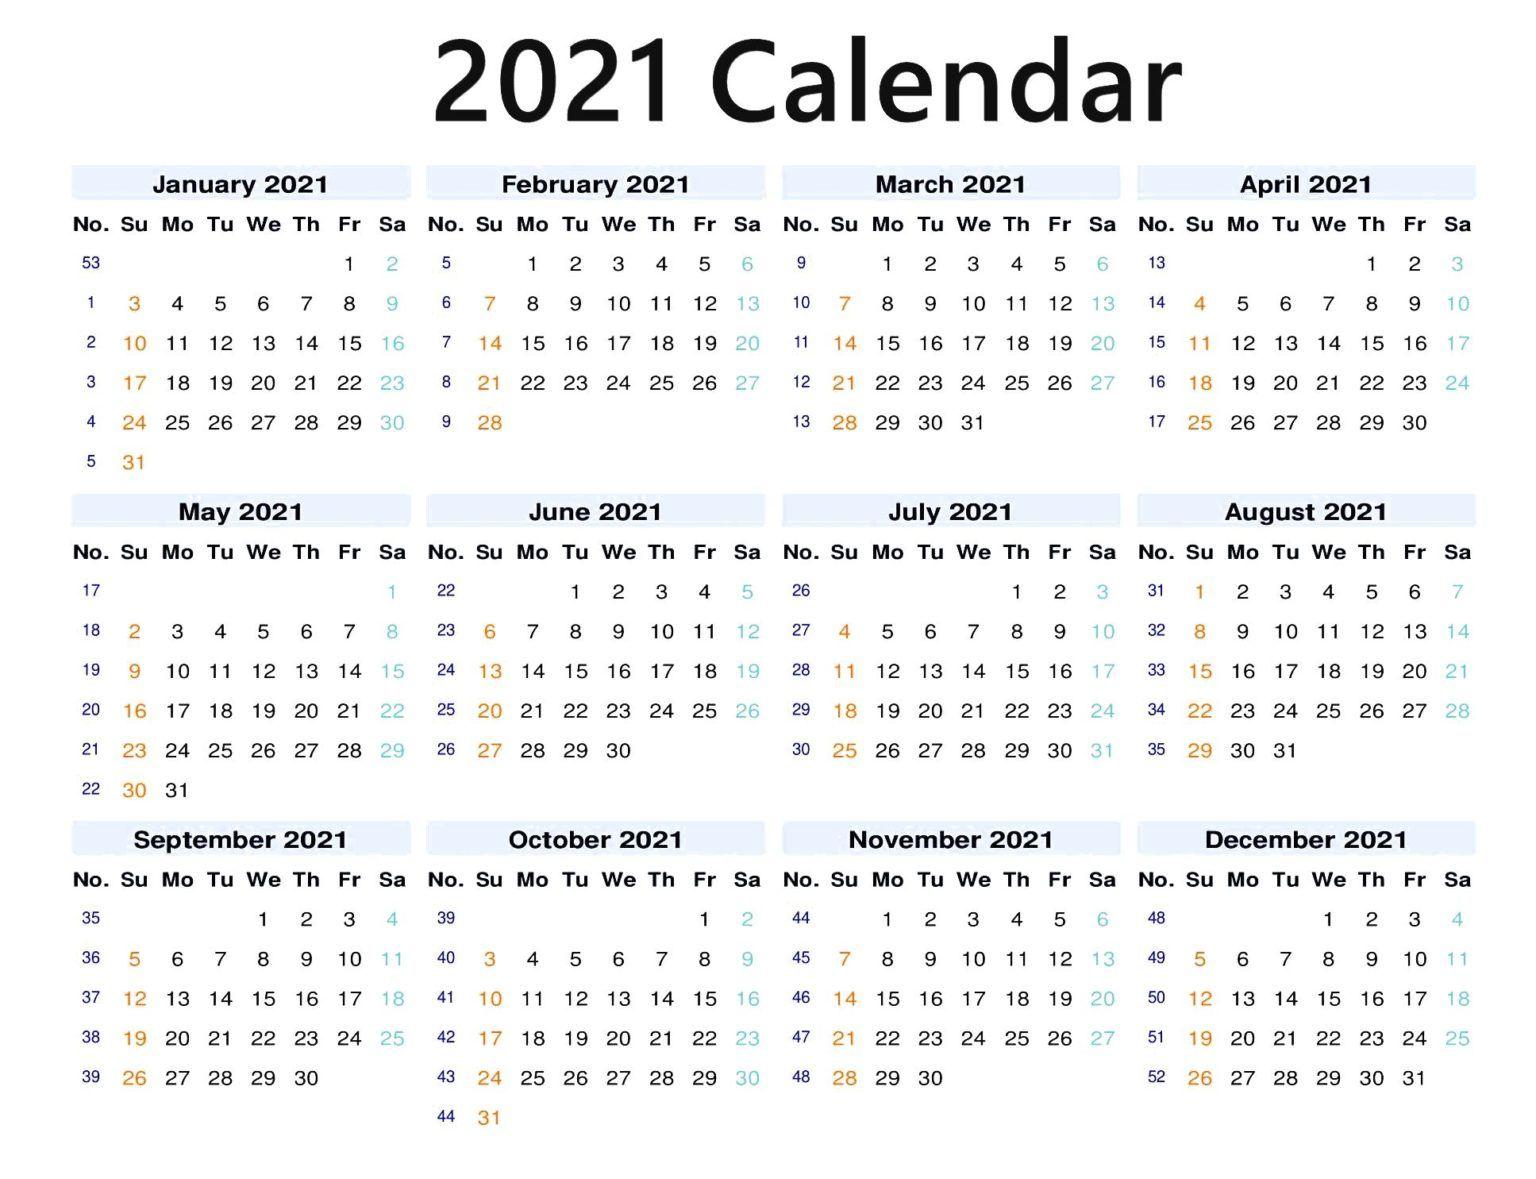 12 Months 2021 Blank Calendar in 2020 | 2021 calendar ...